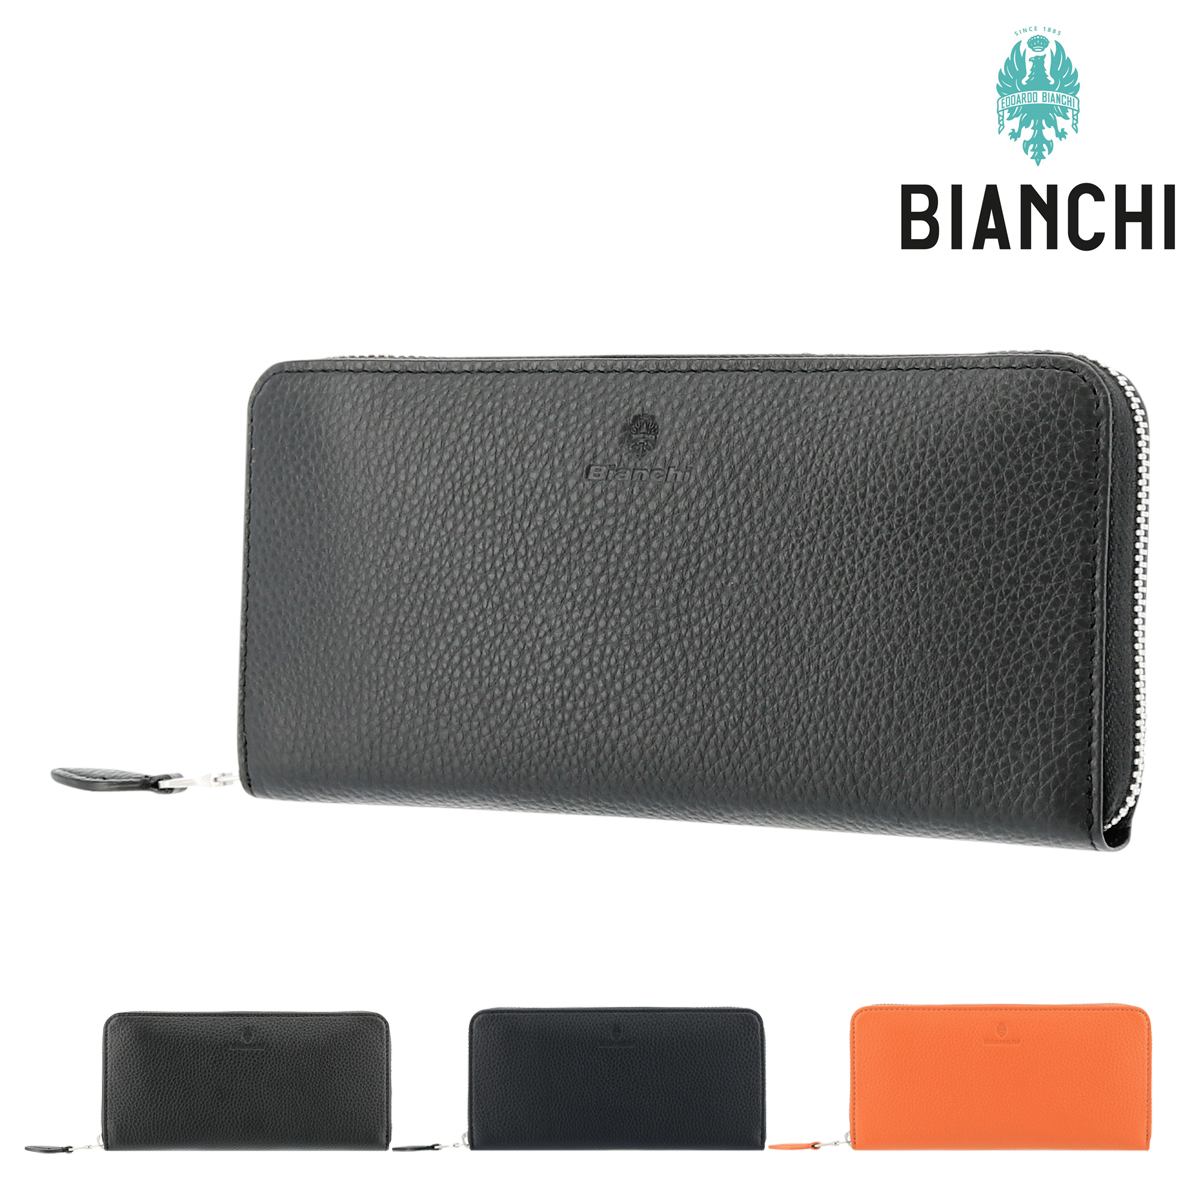 ビアンキ 長財布 ラウンドファスナー デフィー メンズ BIC1007 Bianchi | 牛革 本革 レザー[PO10]